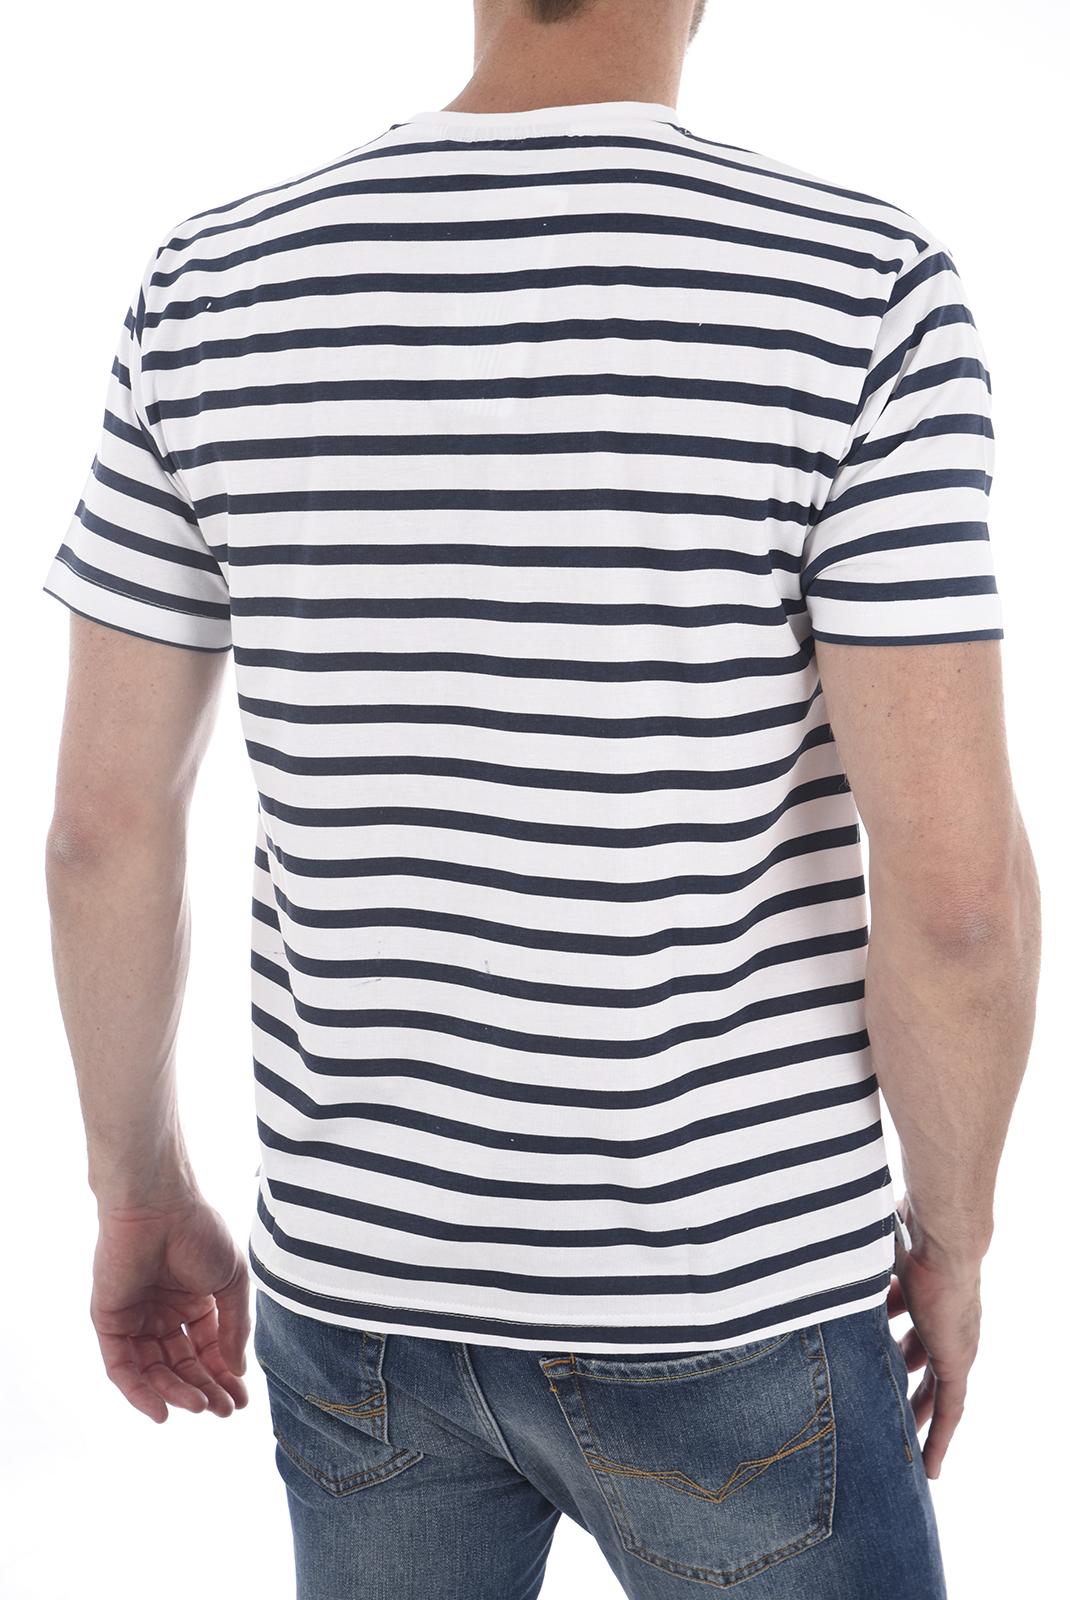 Tee-shirts  Apologize 002M WHITE/NAVY